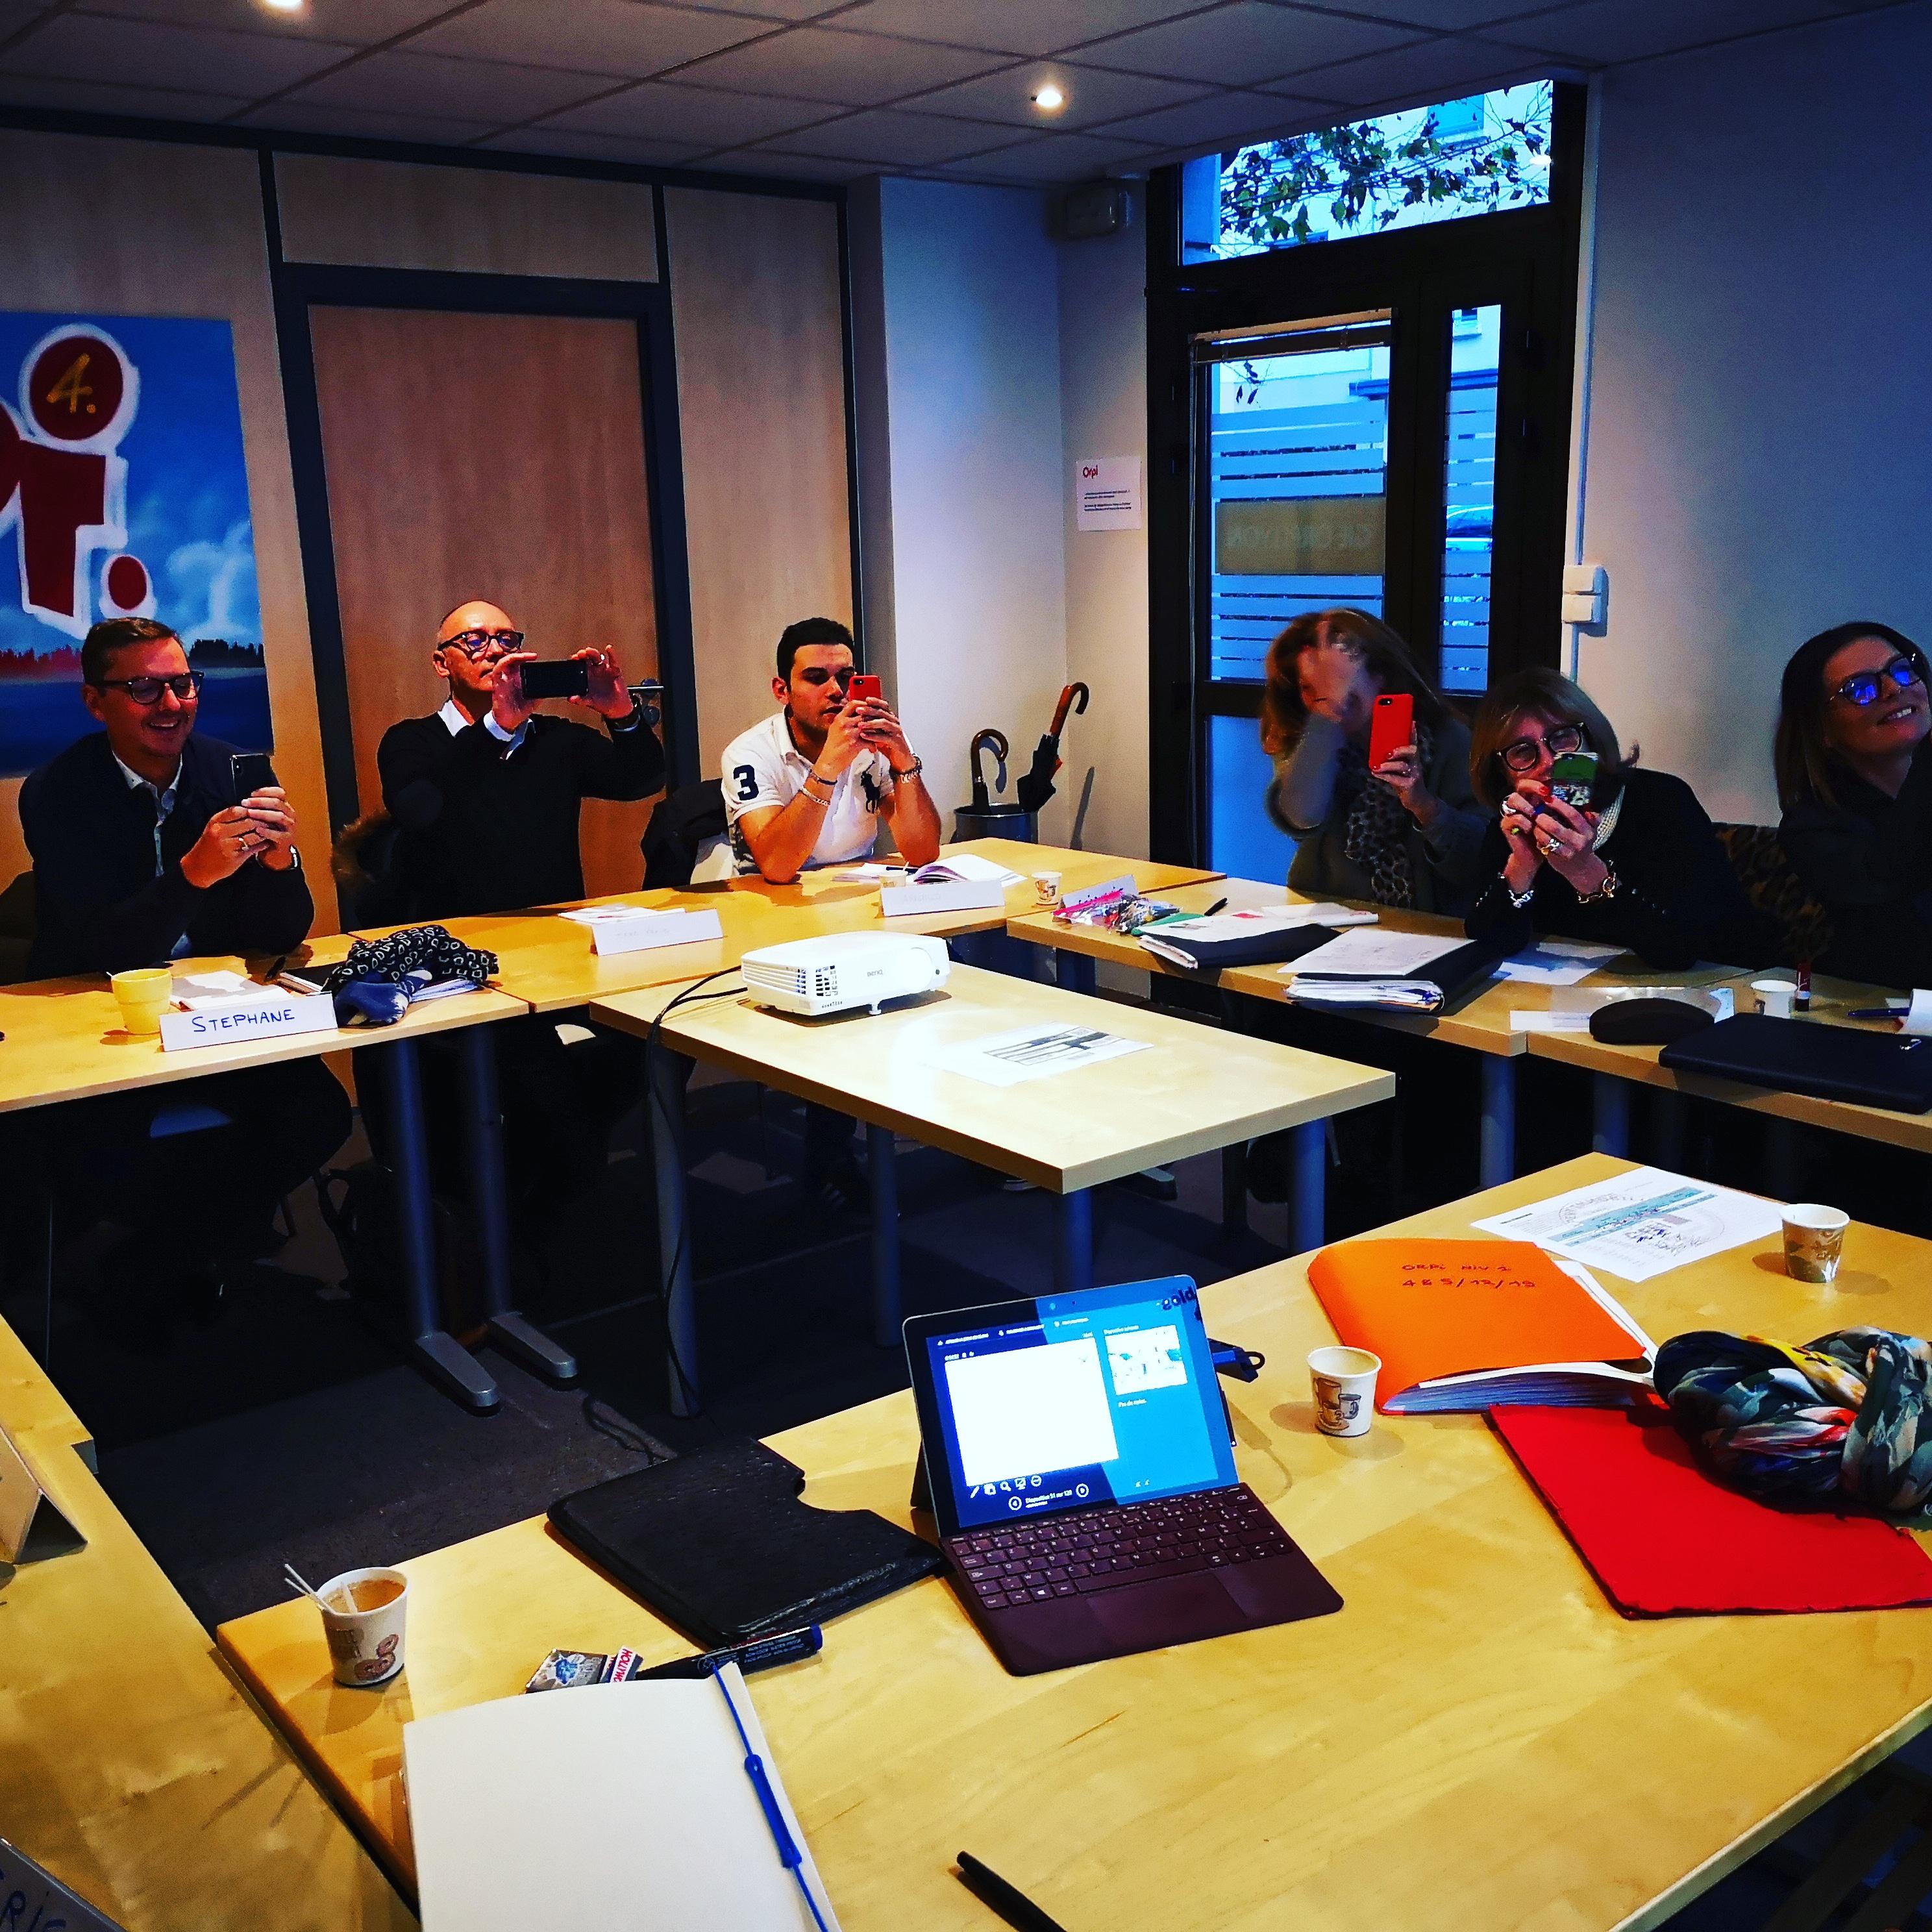 Le cfei centre de formation à l'expertise immobilière intervenait auprès de réseau ORPI pour une session de formation aux méthodes d'évaluation des biens résidentiels : comment devenir expert immobilier ?